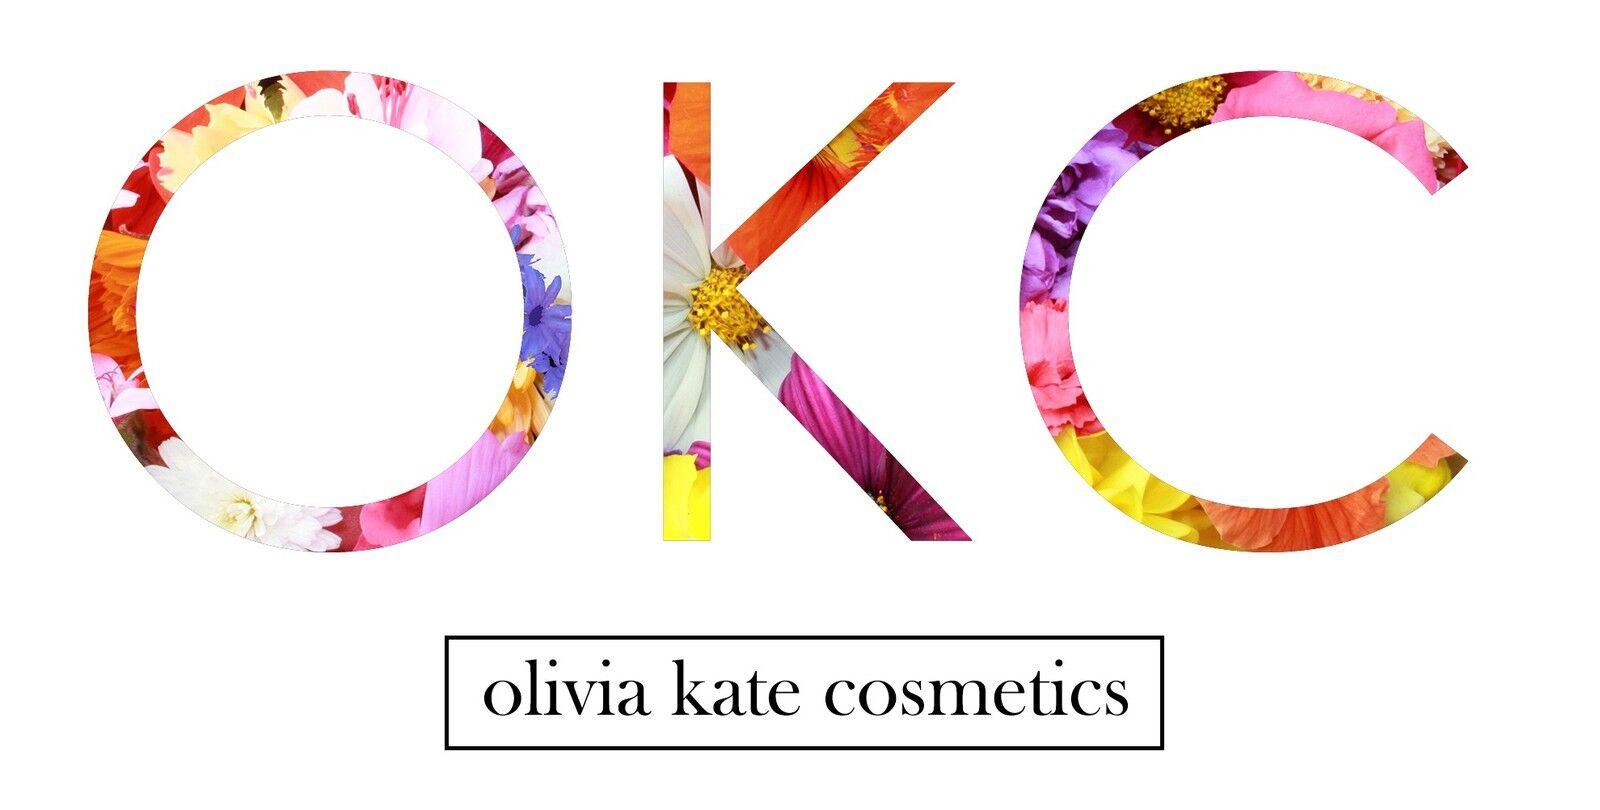 OK cosmetics